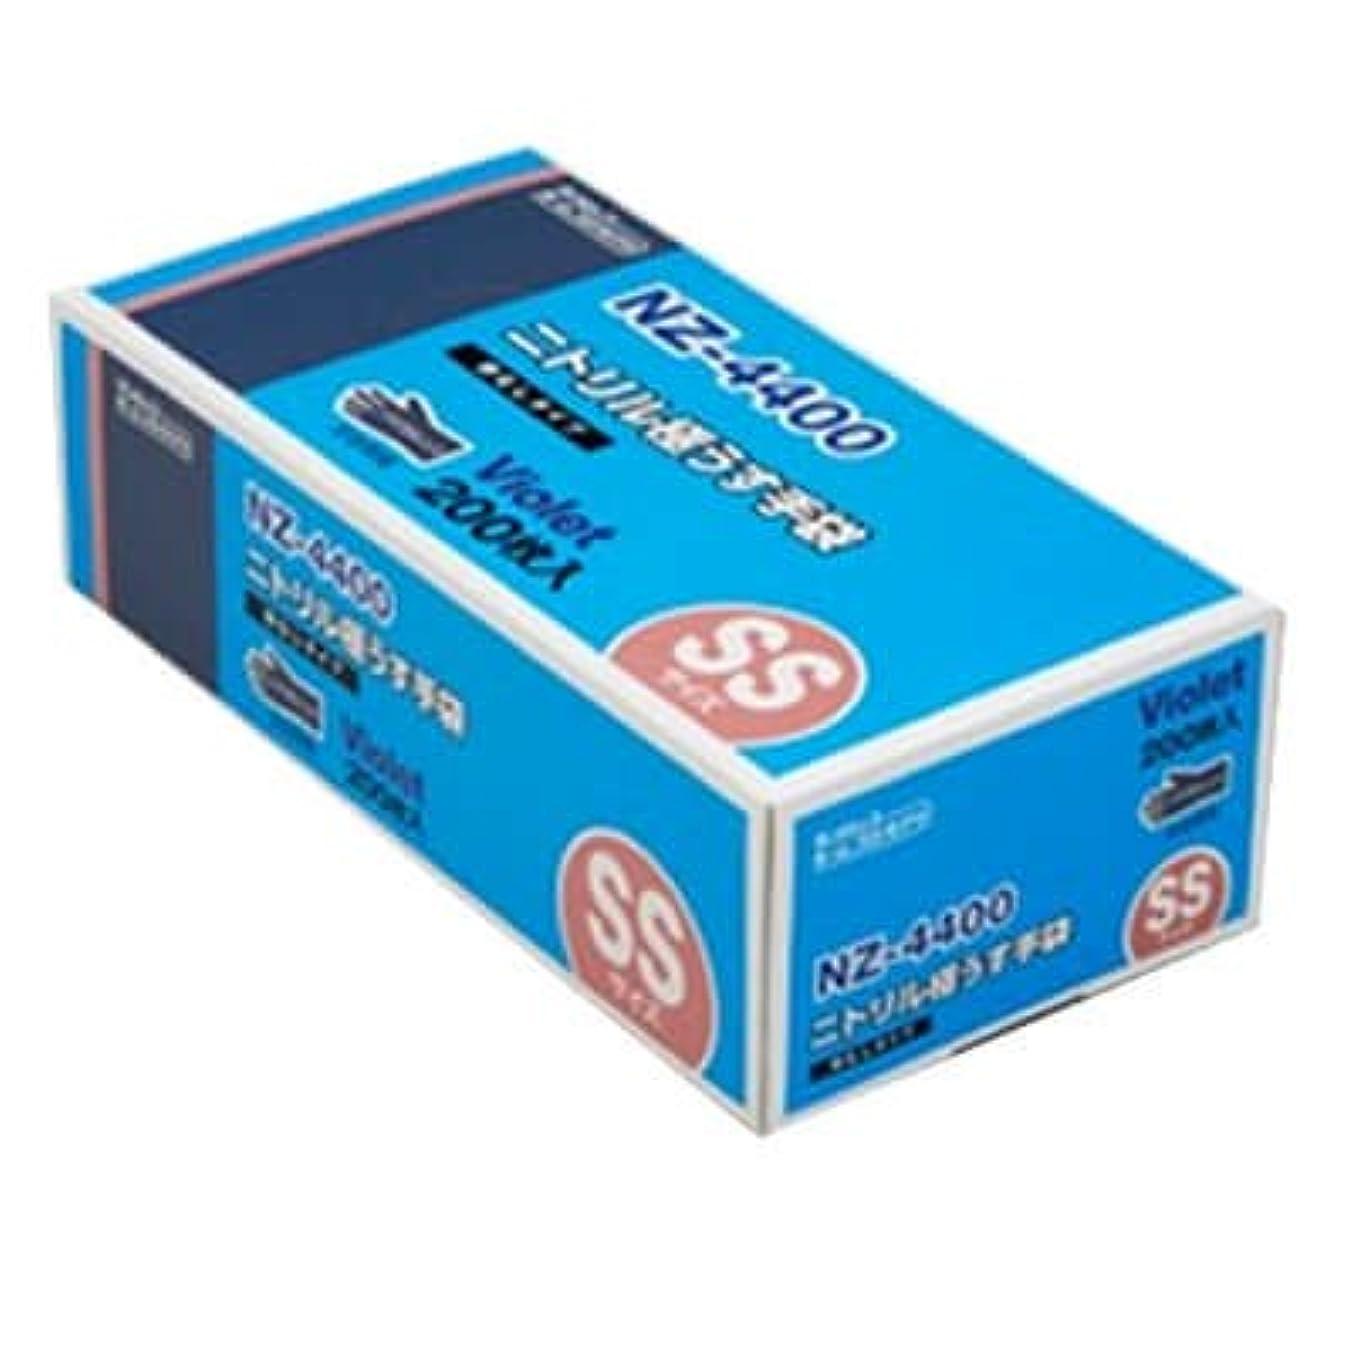 委託連鎖説得力のある【ケース販売】 ダンロップ ニトリル極うす手袋 粉無 SS バイオレット NZ4400 (200枚入×15箱)